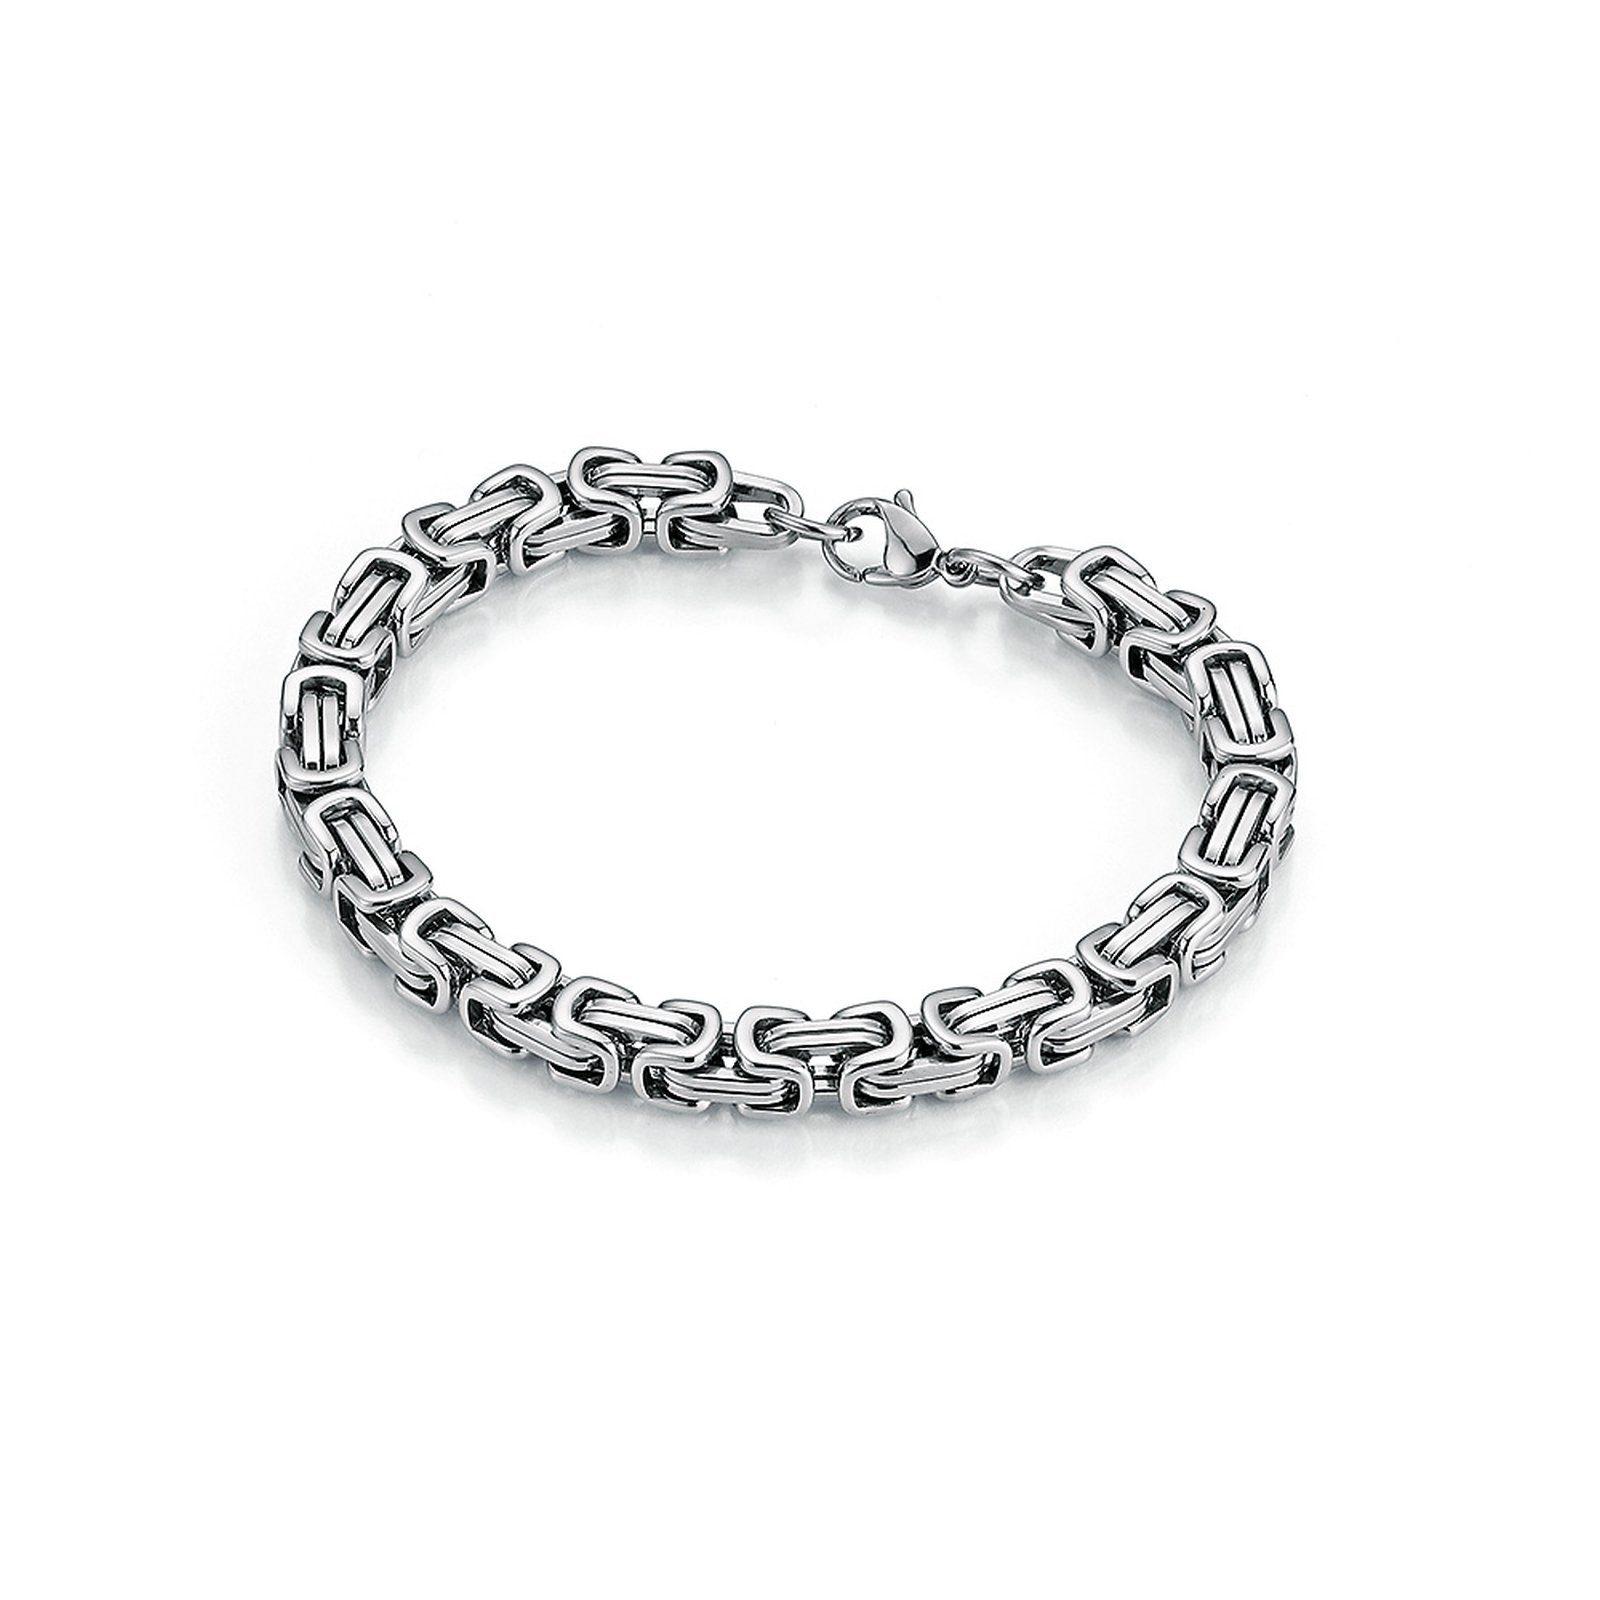 Jacques Charrel Armband massiv, Königsarmbandoptik silberfarben Damen Armketten Armbänder Schmuck